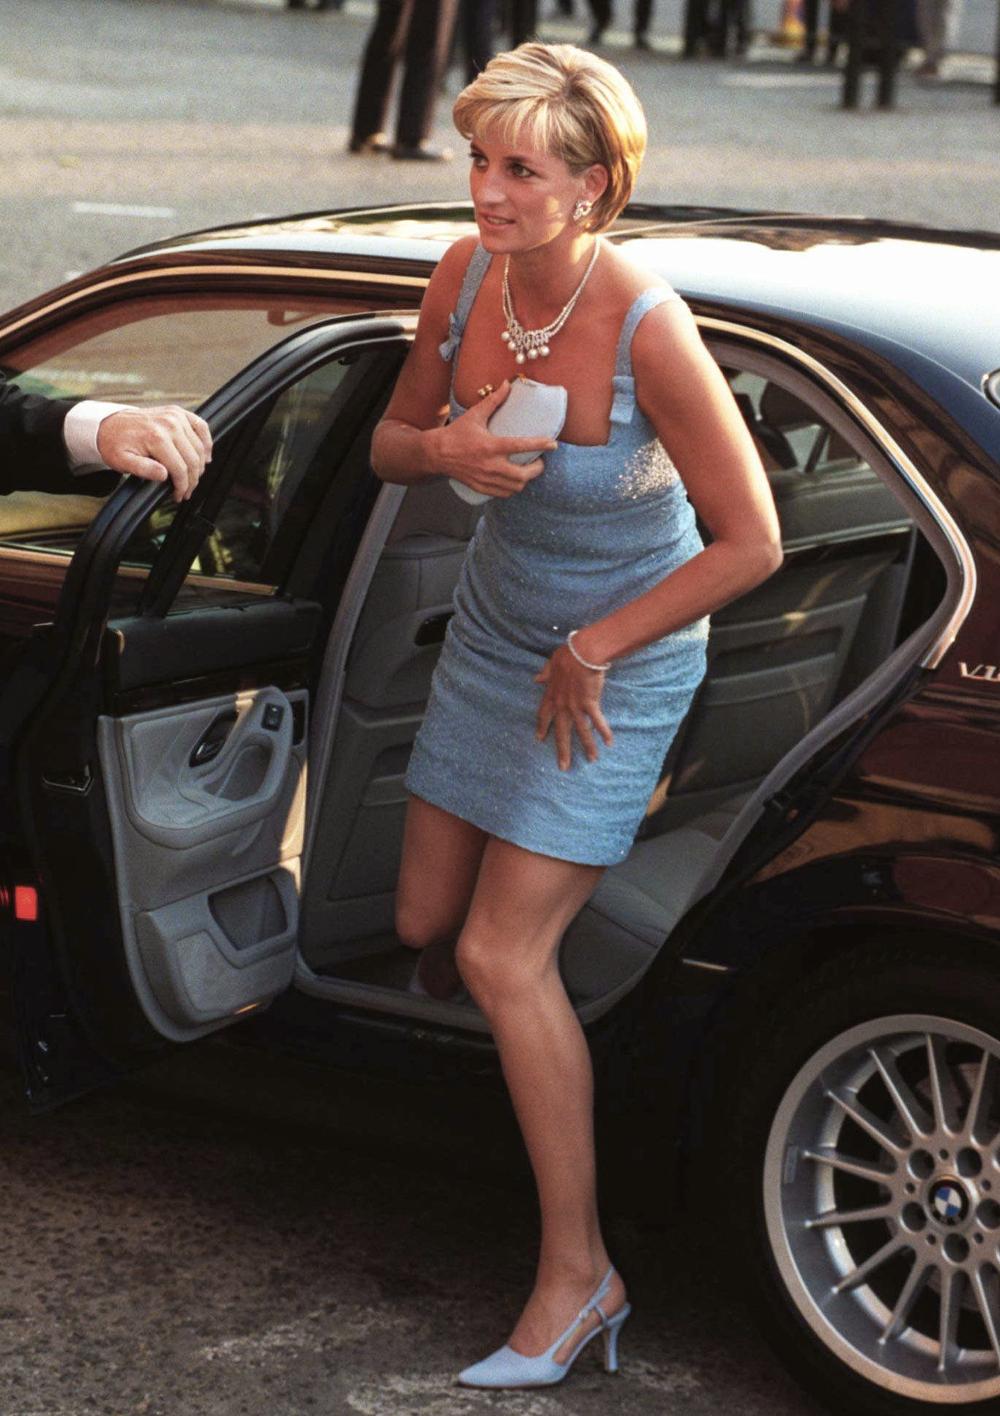 Η πριγκίπισσα Νταϊάνα βγαίνοντας από το αυτοκίνητο χρησιμοποιούσε πάντα την τσάντα της ως μέτρο προφύλαξης για το ντεκολτέ της